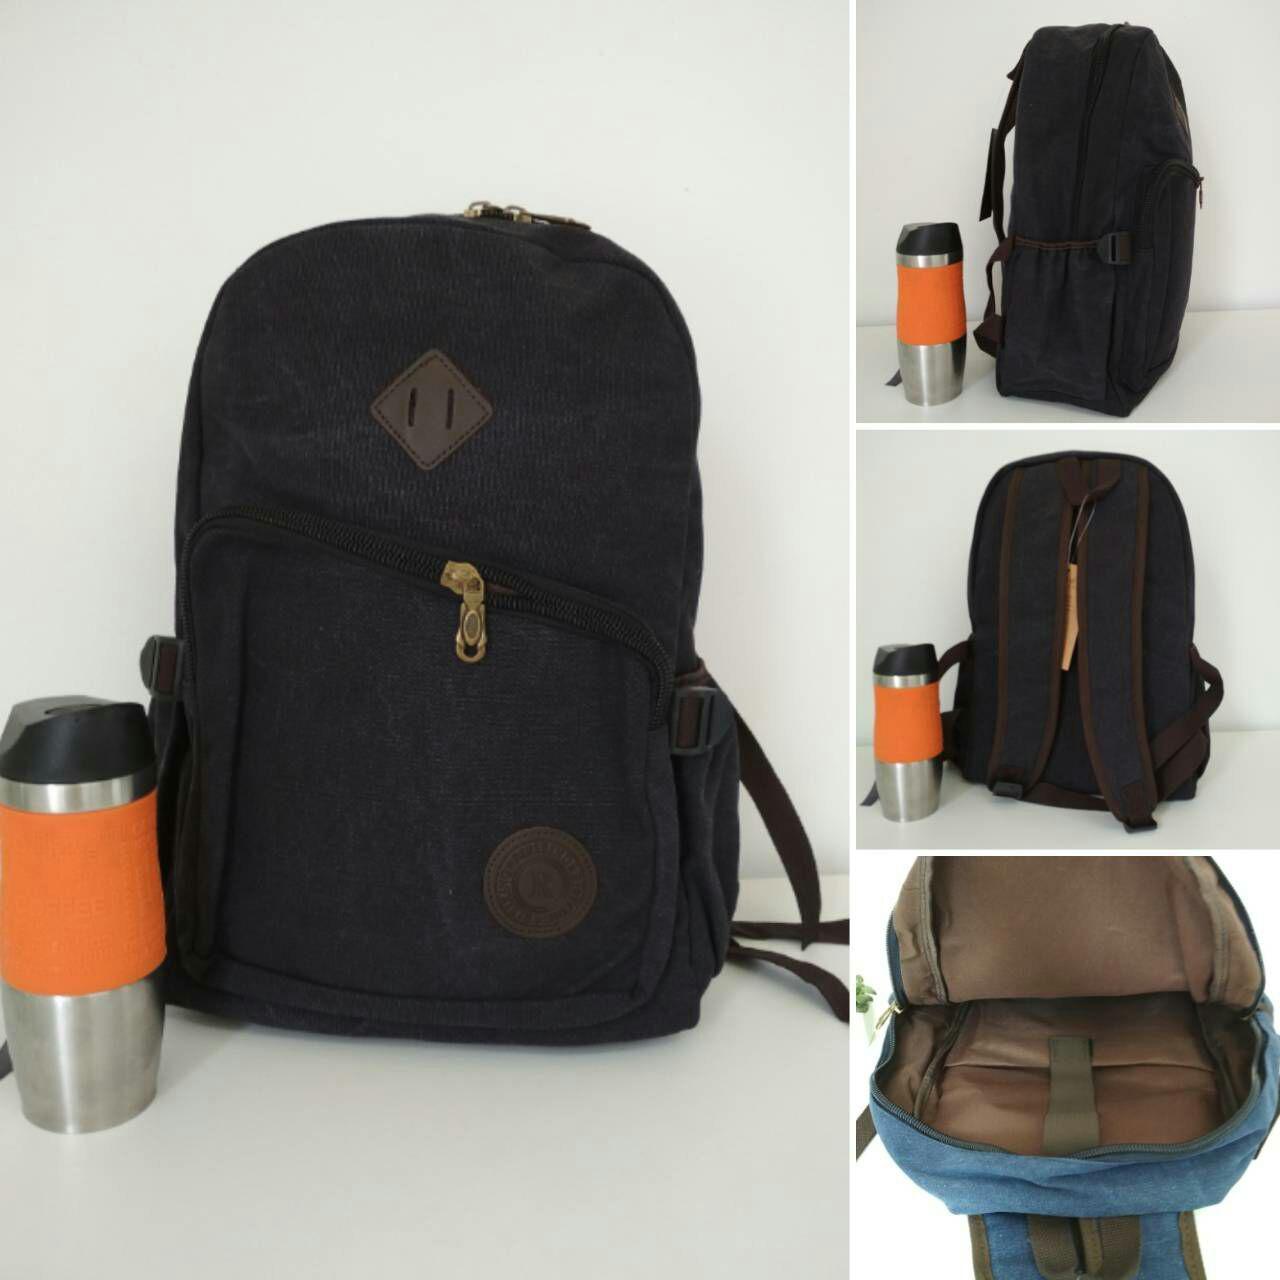 Повседневный рюкзак для школы с наружным карманом на молнии 43*30*19 см